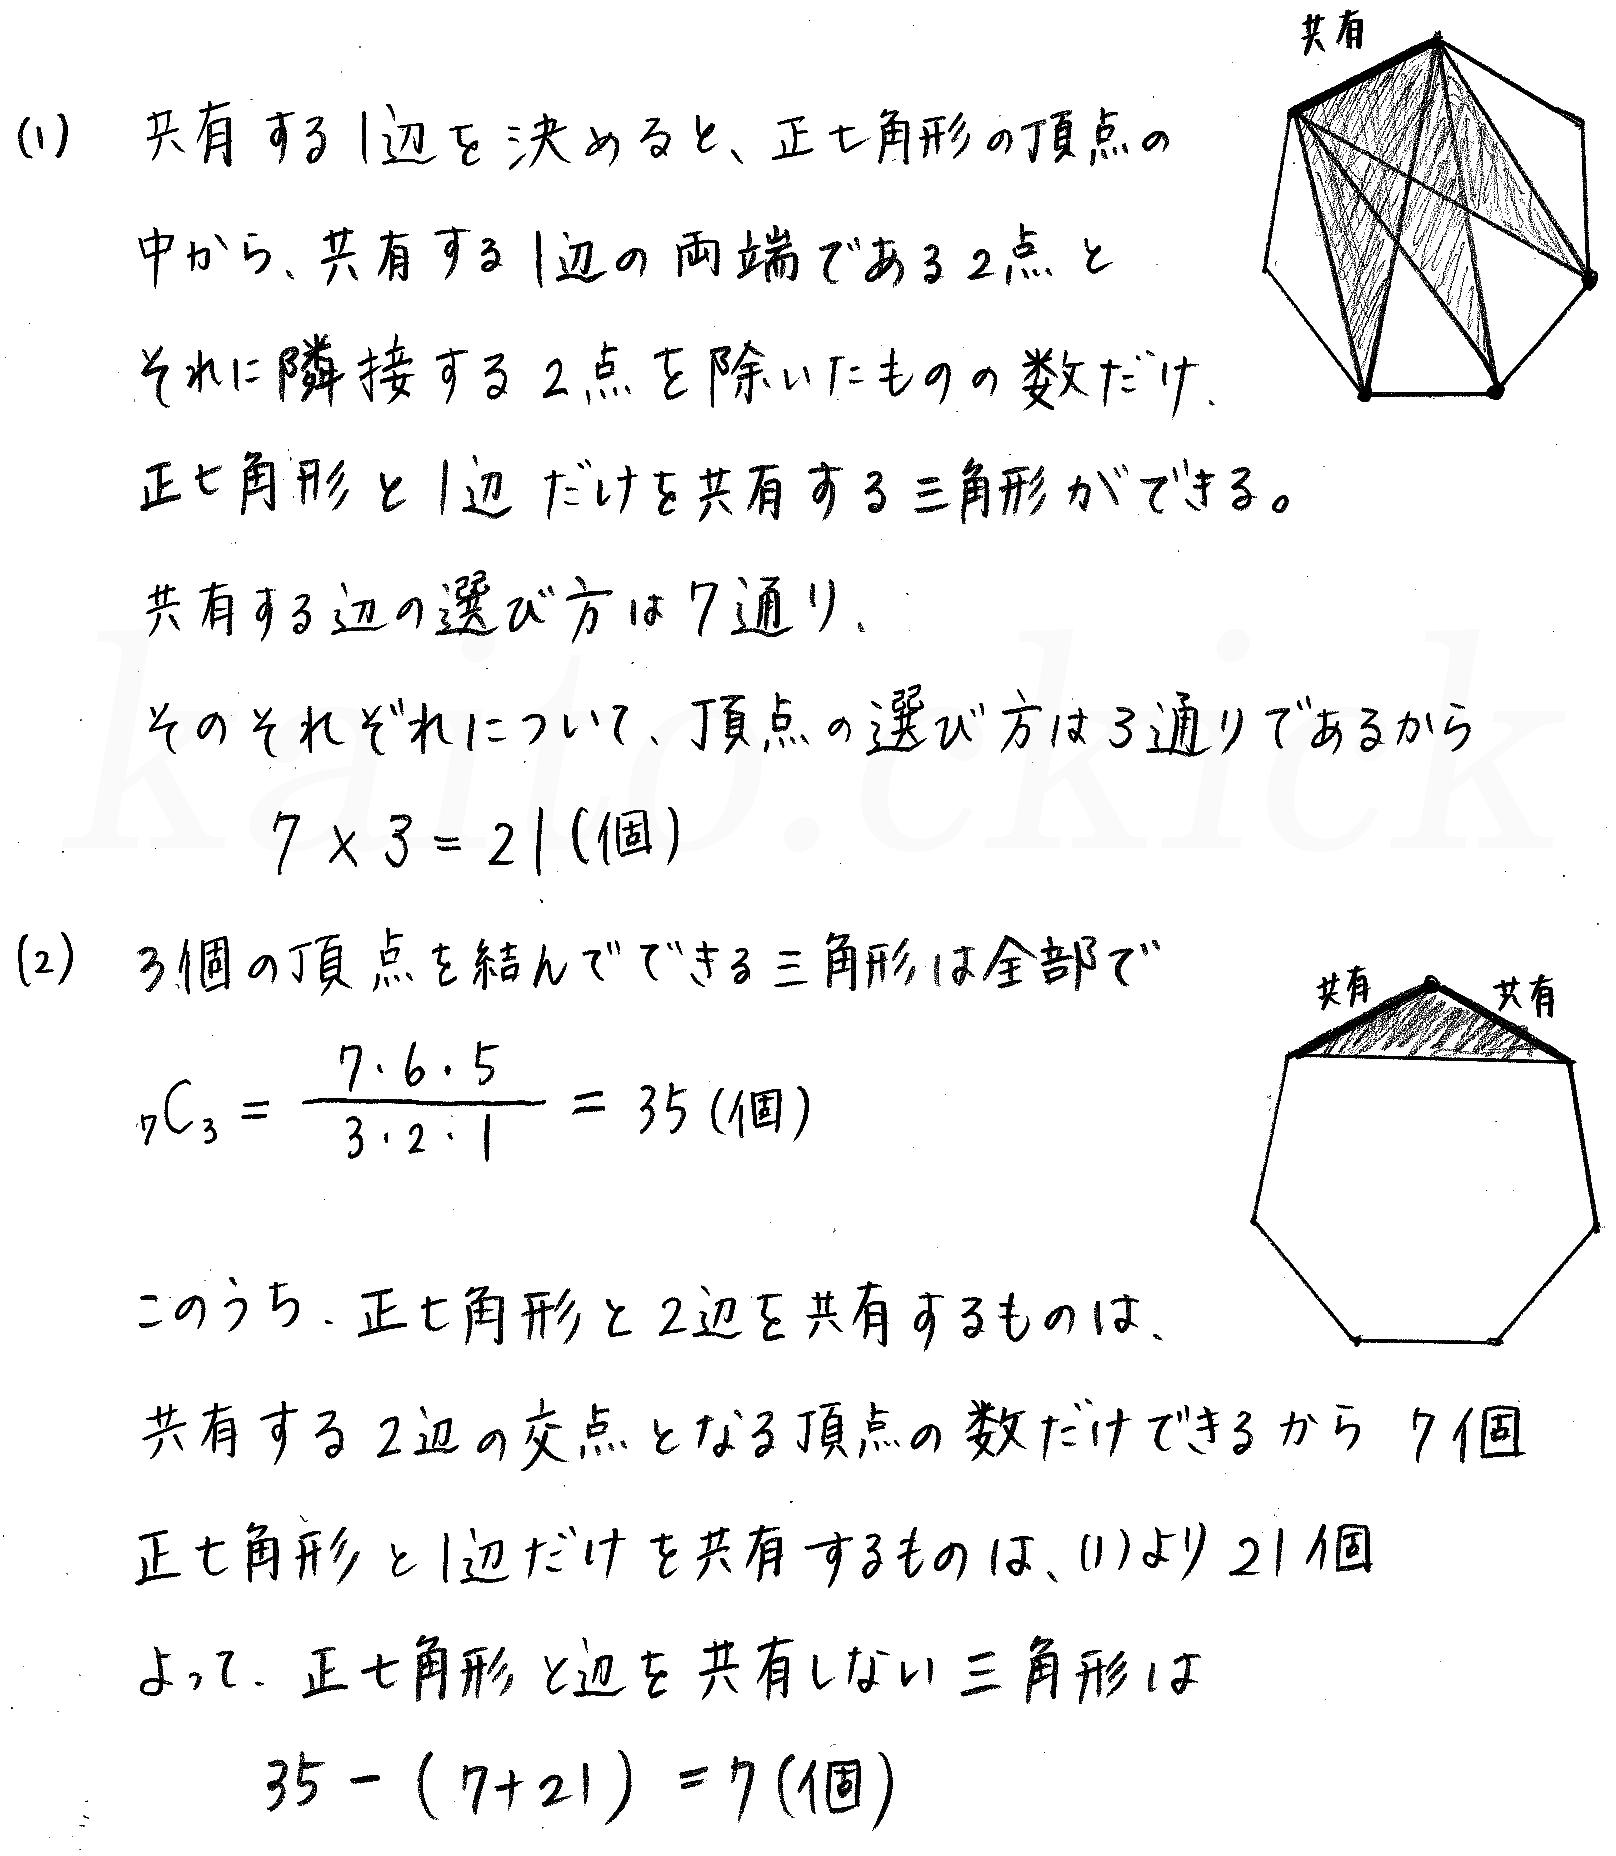 クリアー数学A-71解答